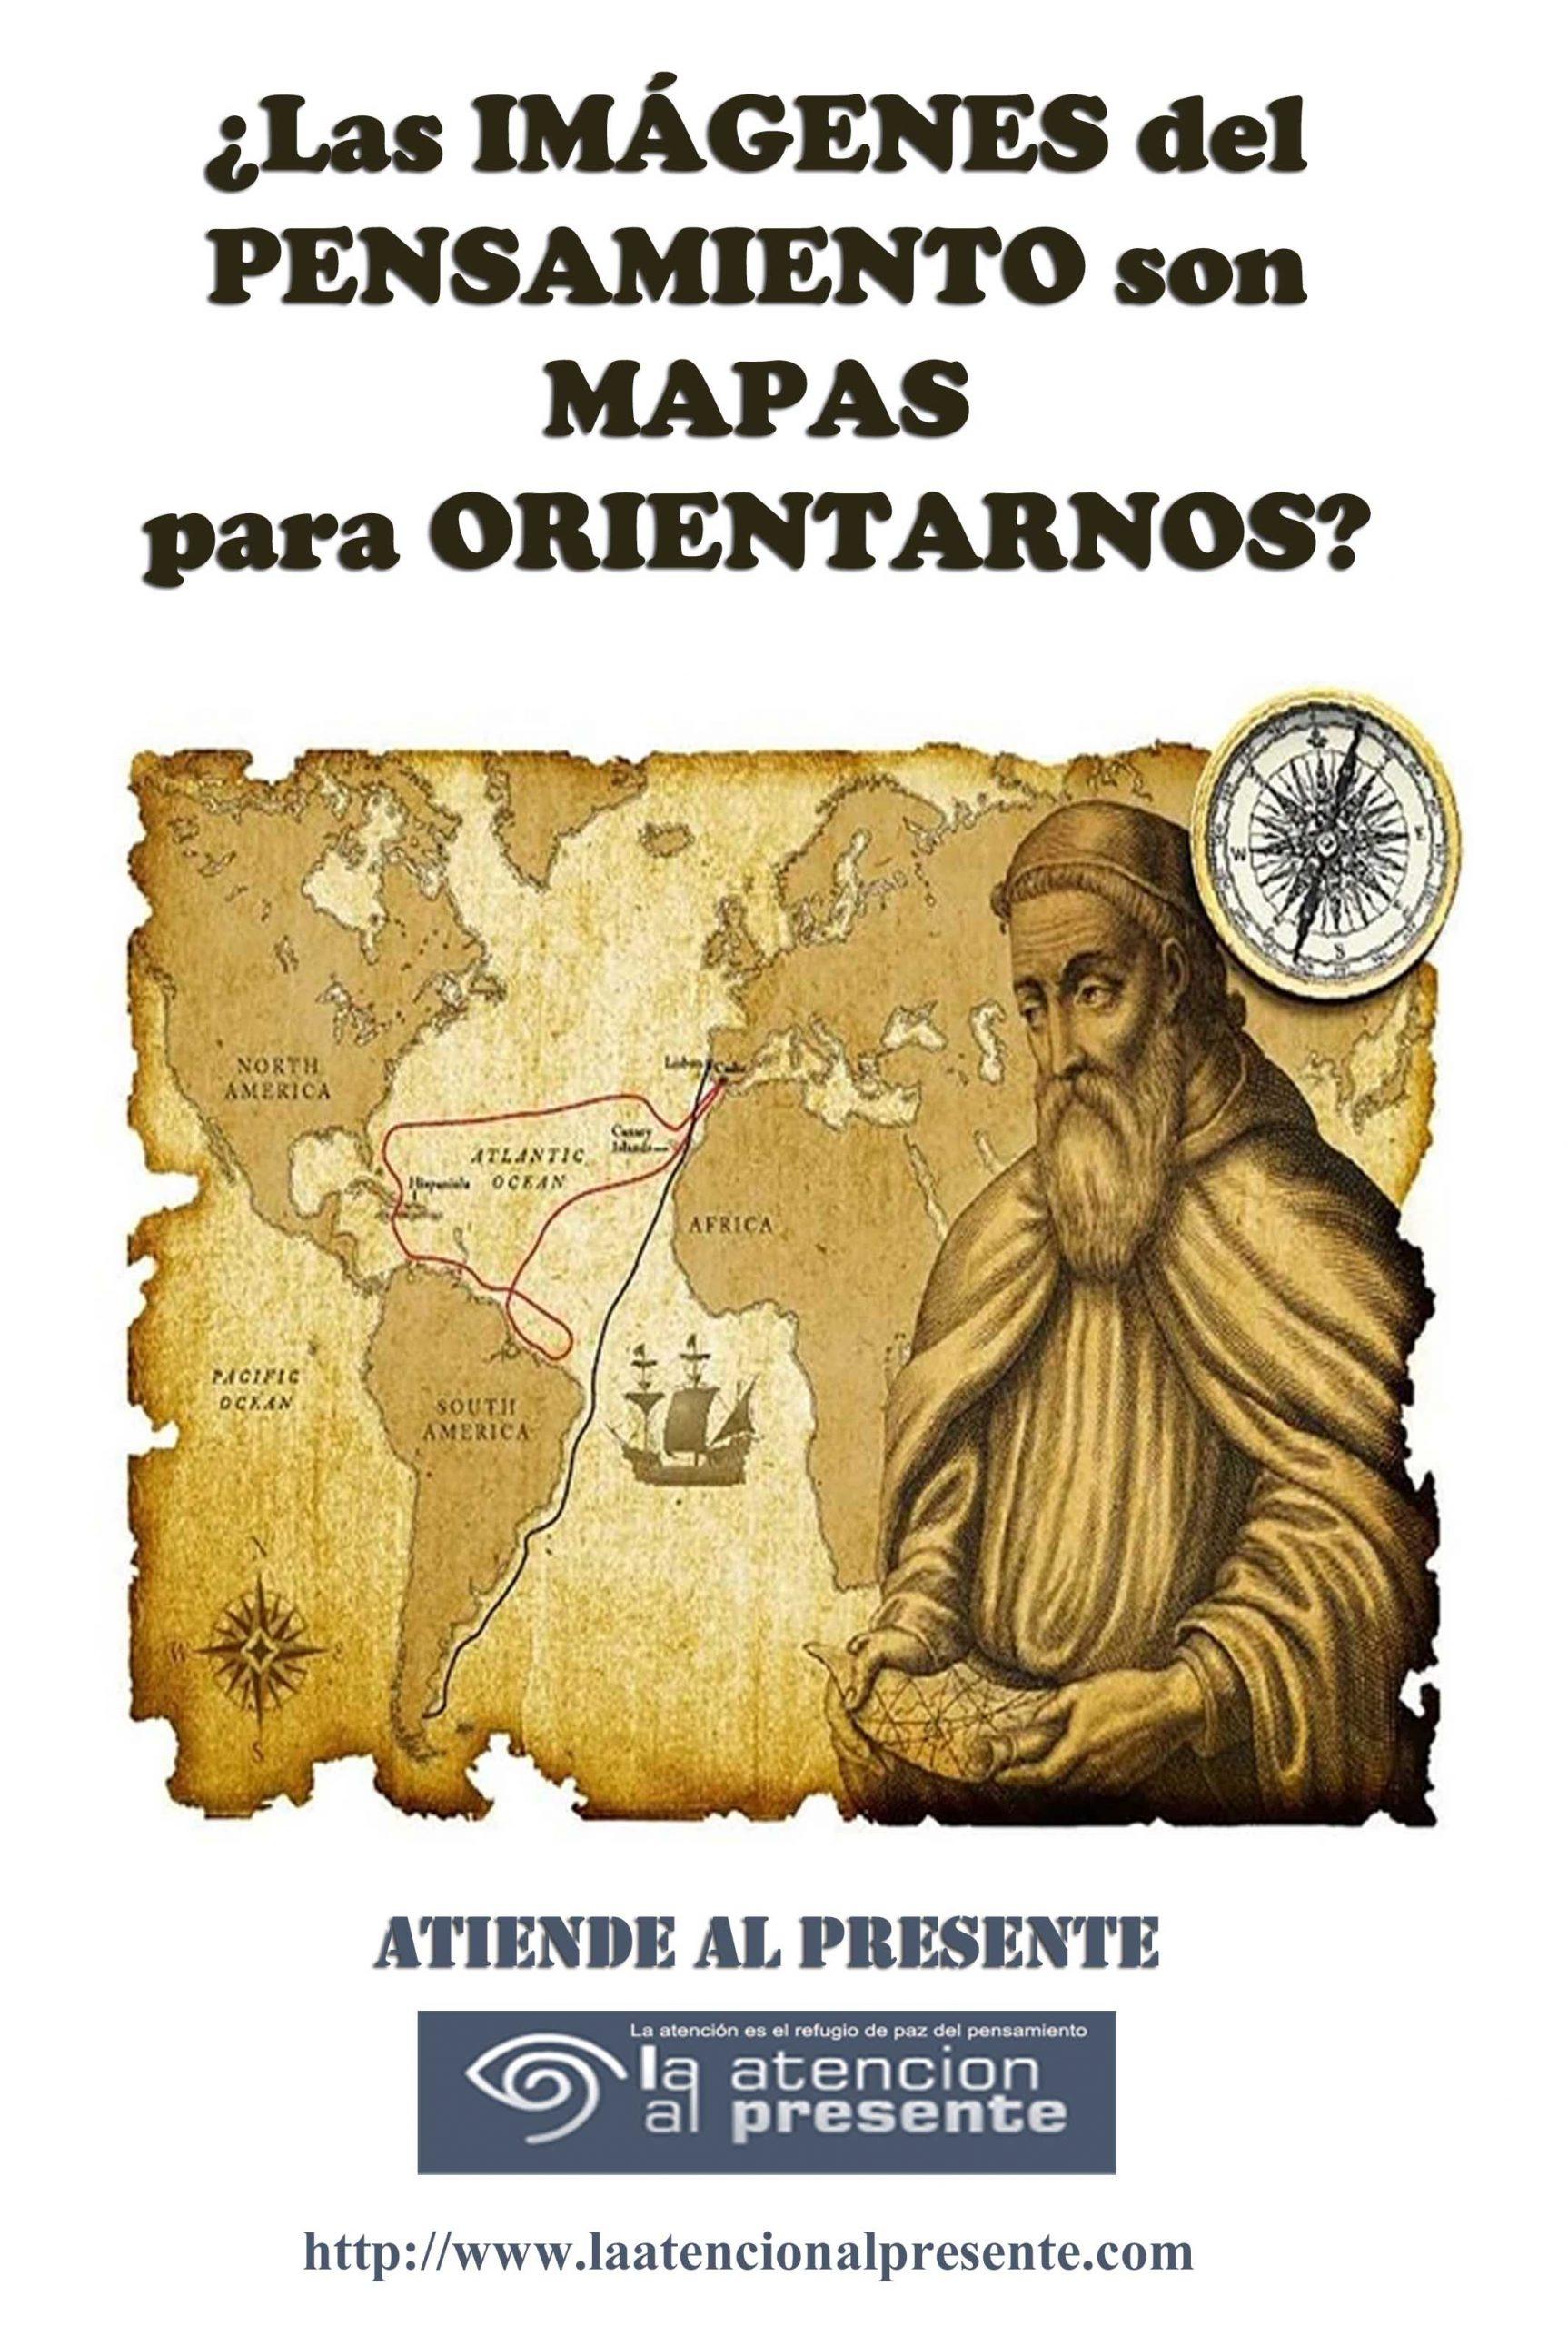 12 de juniio Esteban Las IMÁGENES del PENSAMIENTO son MAPAS para ORIENTARNOS min scaled